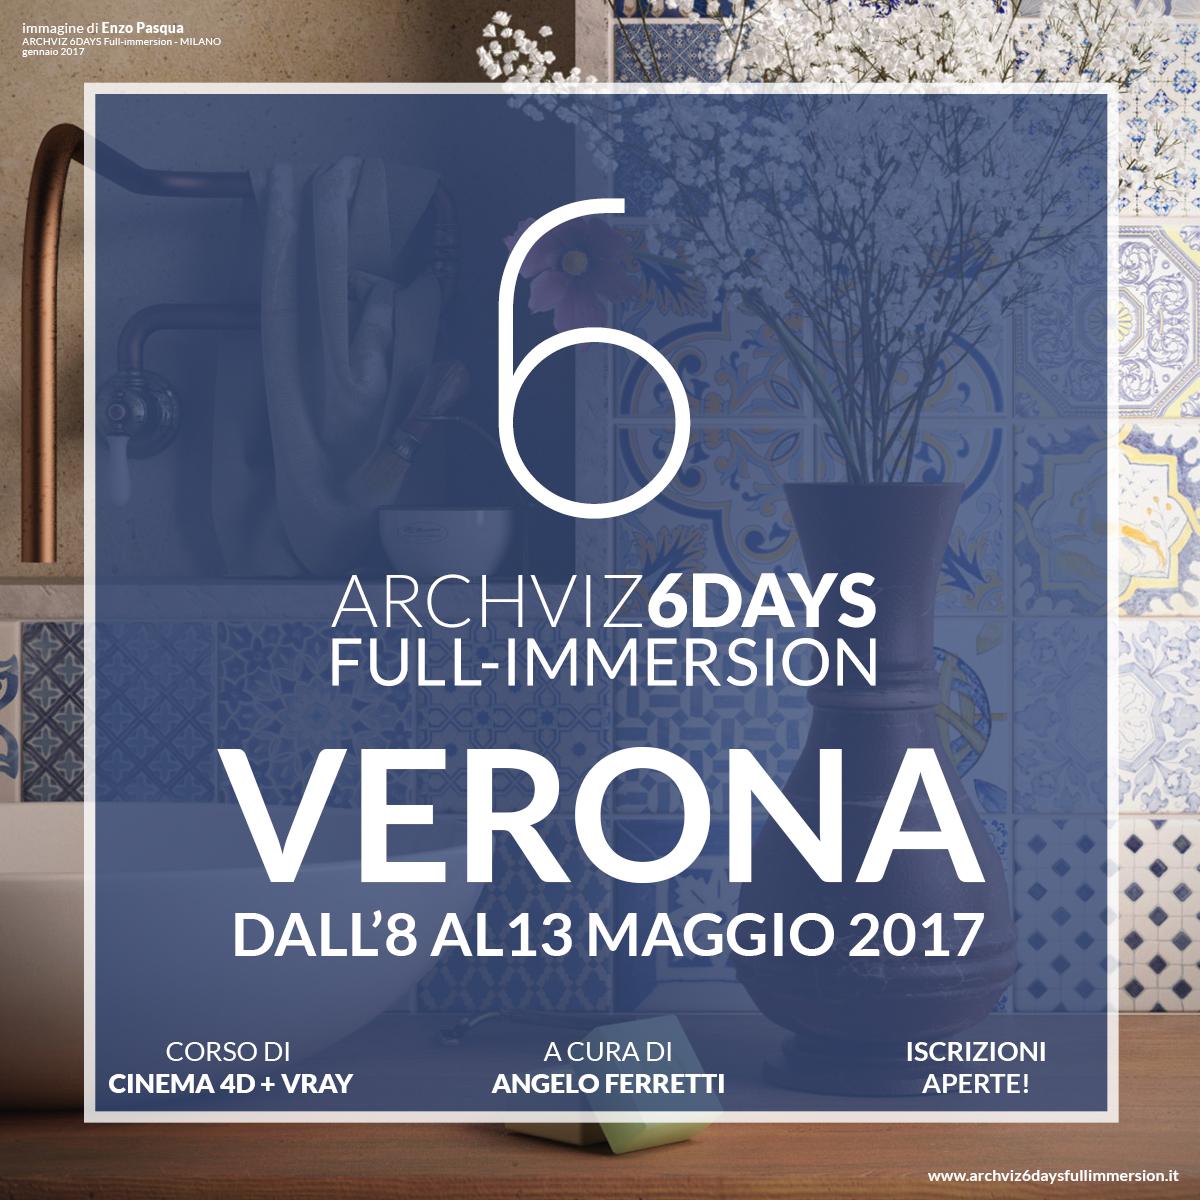 Corso di Cinema 4D + Vray per l'architettura e il design